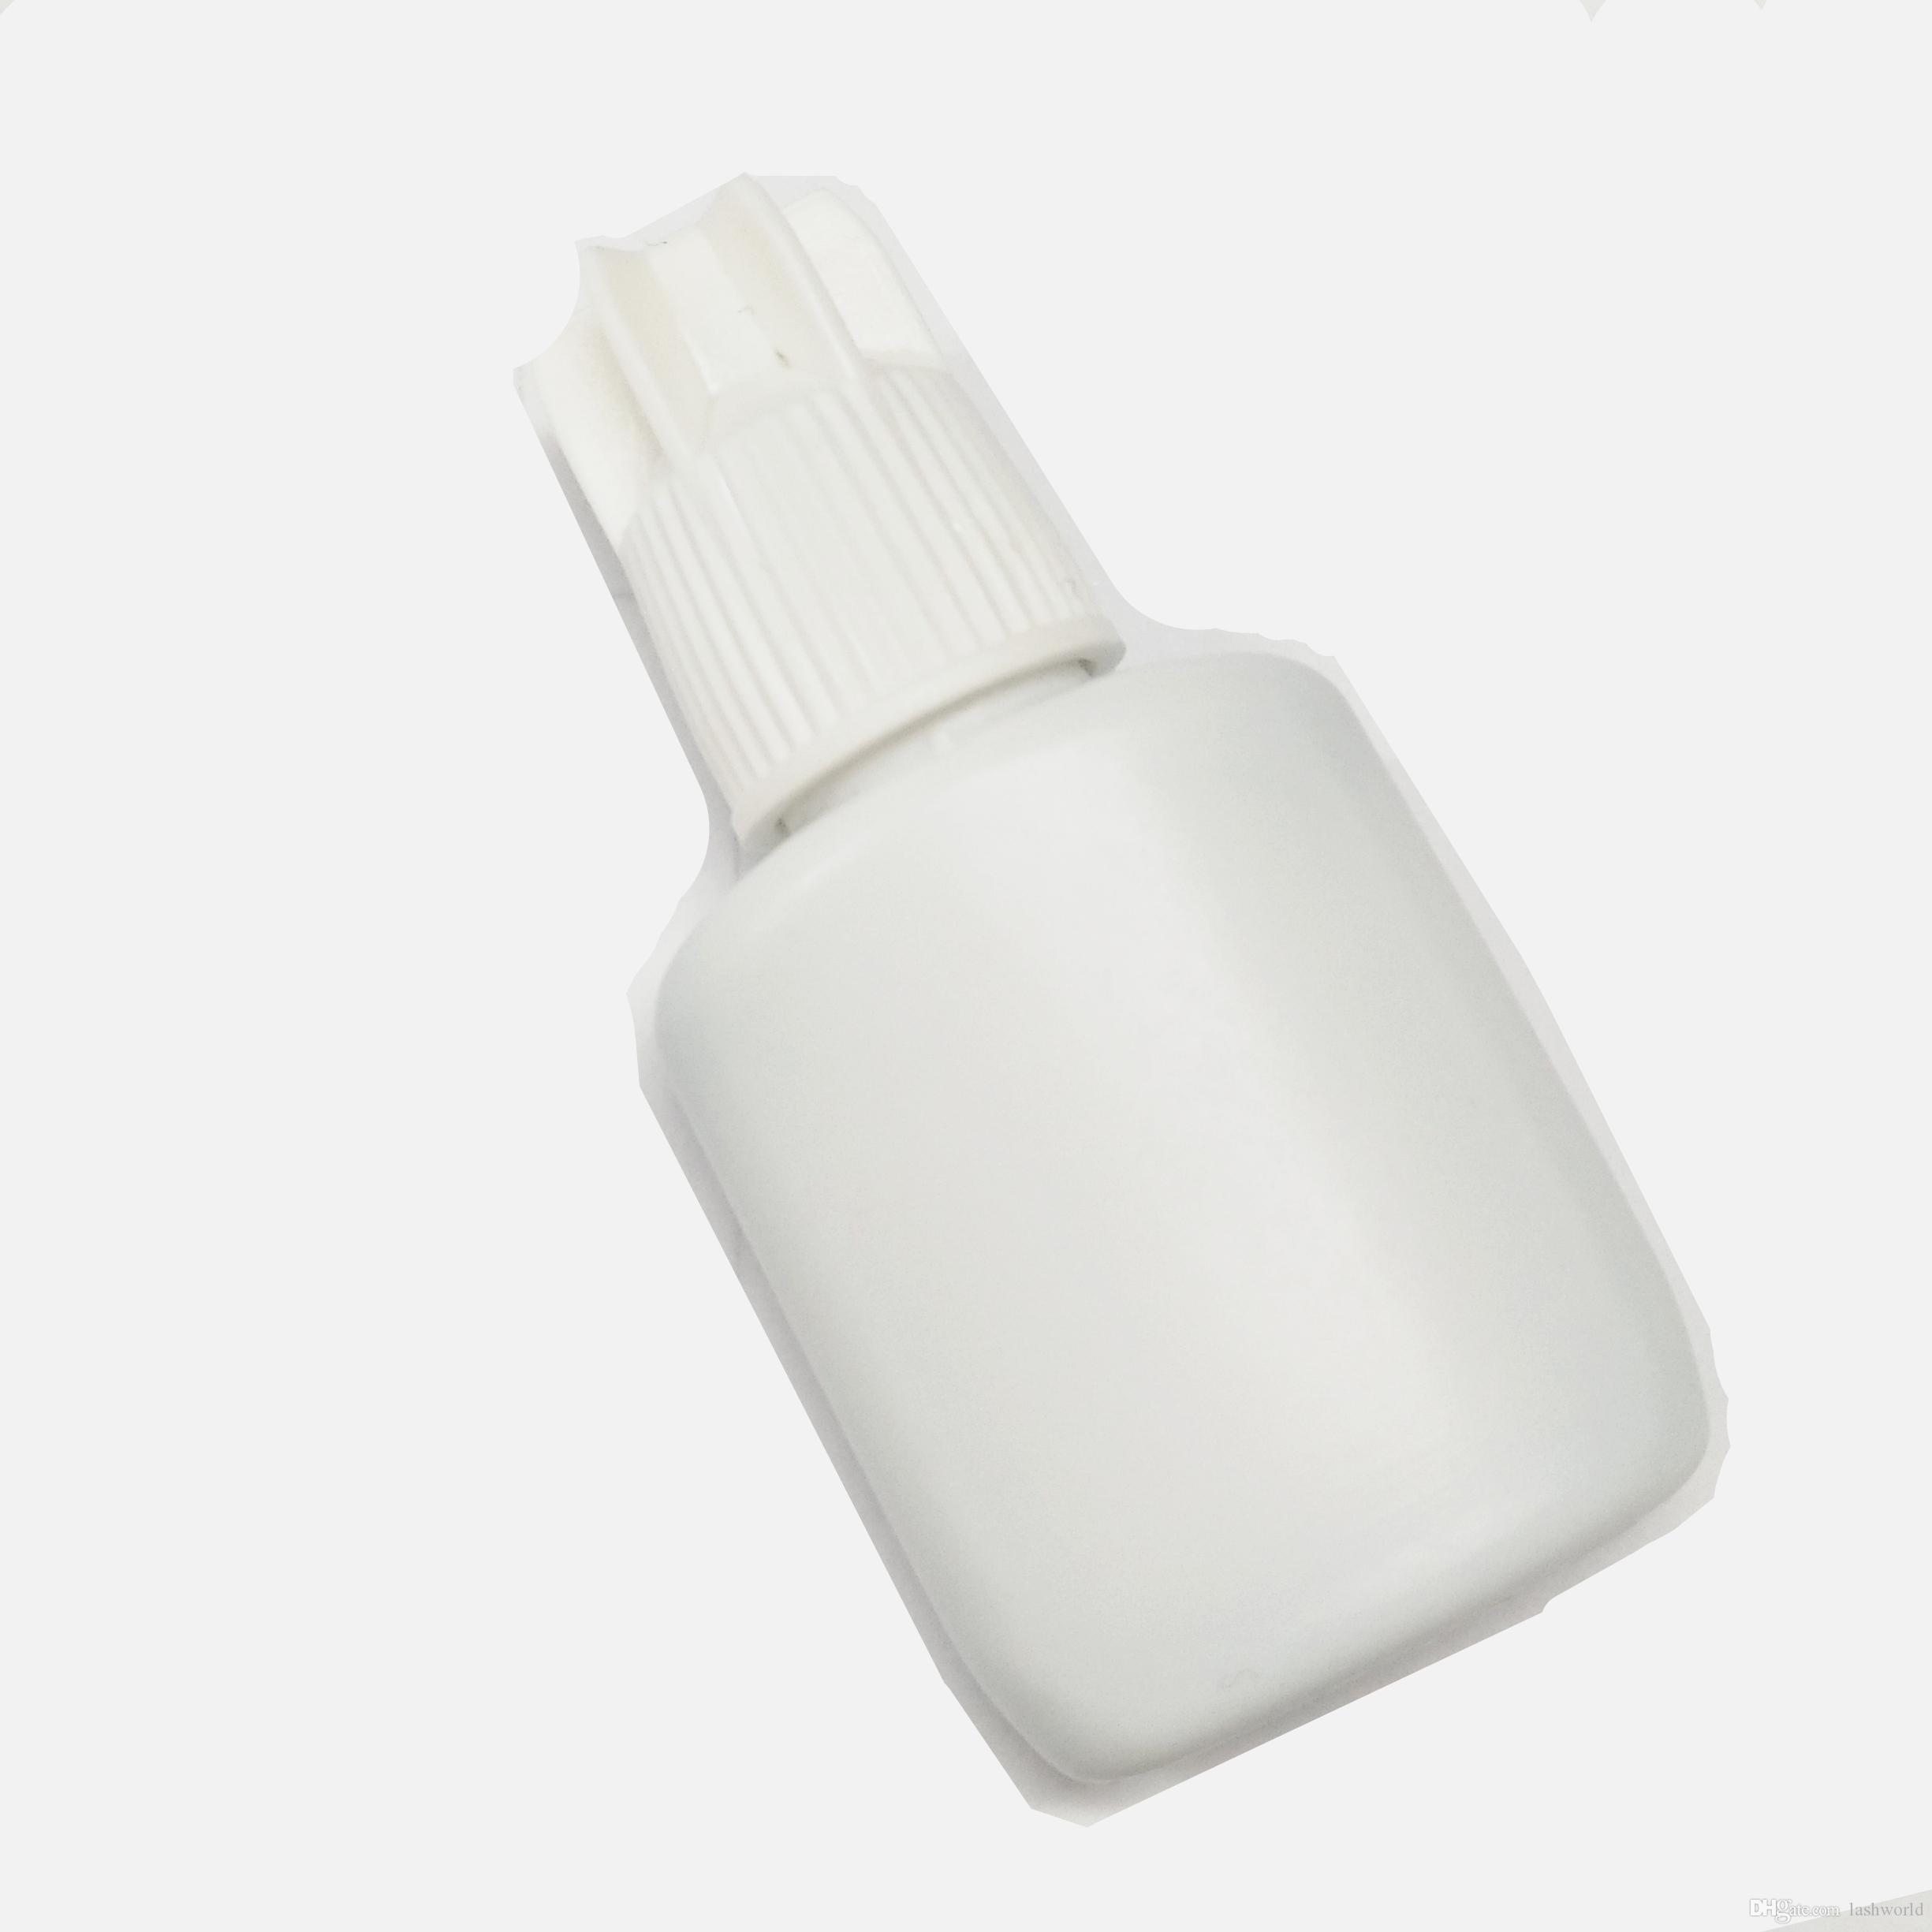 Colla a rapida essiccazione con colla a coppa di Seashine singola colla per ciglia a breve tempo di asciugatura colla a ciglia nera sensibile a lunga durata lunga durata 40-60 giorni